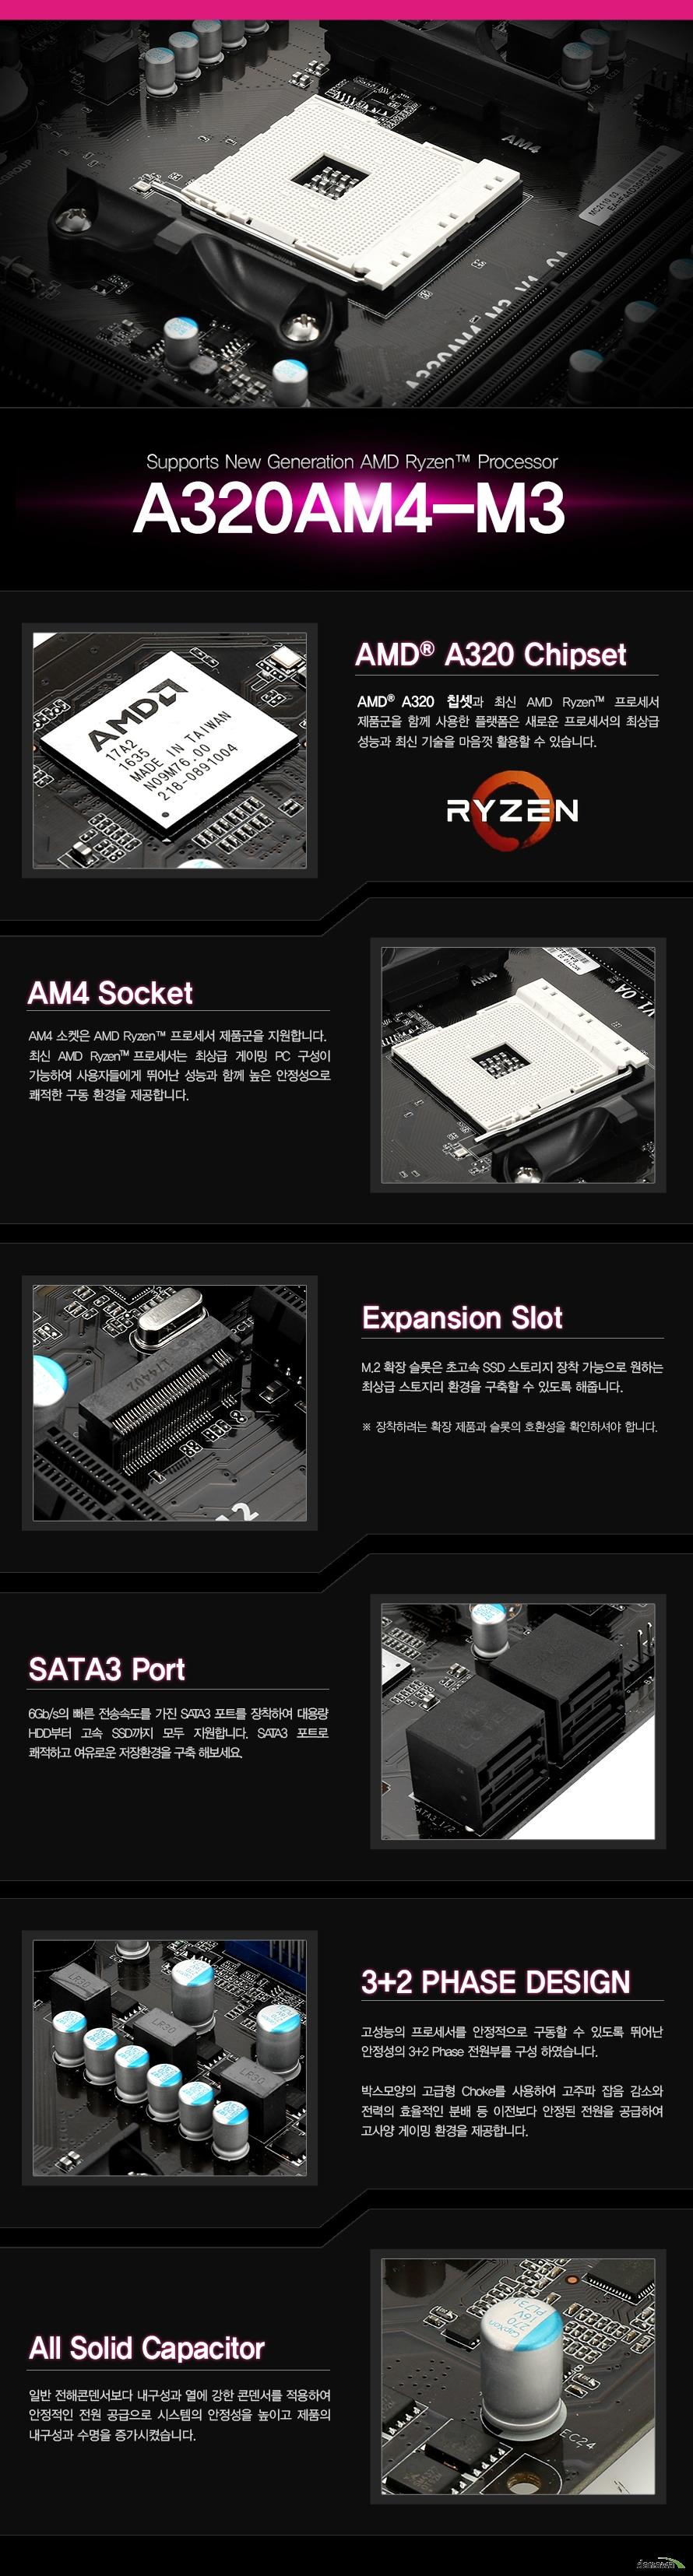 상세 정보                폼팩터 mATX( 220 x 205 밀리미터)                소켓규격 amd am4 socket for amd ryzen processors 와        7th gen a series 및 athlon processors 지원        칩셋 amd a320                메모리 듀얼채널 ddr4 메모리 구성        ddr4 2667 2400 2133                 2 x 288핀 ddr4 dimm 소켓                최대 32기가바이트 지원                        확장슬롯 pcie 3.0 16배속 슬롯 1개             pcie 2.0 1배속 슬롯 1개                 m.2 key M 2242 2260 2280 for PCIe SSD 슬롯 1개                         오디오 realtek alc662 코덱               6 채널 hd 오디오                랜 realtek rtl8111h 기가비트 랜                스토리지 인터페이스 사타3 6기가바이트 커넥터 4개                usb usb3.0 6개 백패널 4개 및 헤더 2개            usb2.0 6개 백패널 2개 및 헤더 4개                    kc 인증 MSIP REM ETW A320AM4 M3                제조사의 사정에 따라 사전고지 없이 일부 제품사양이 변경될 수 있습니다.        구매 전 파워 서플라이의 CPU프로세서 지원 여부를 확인하시기 바랍니다.